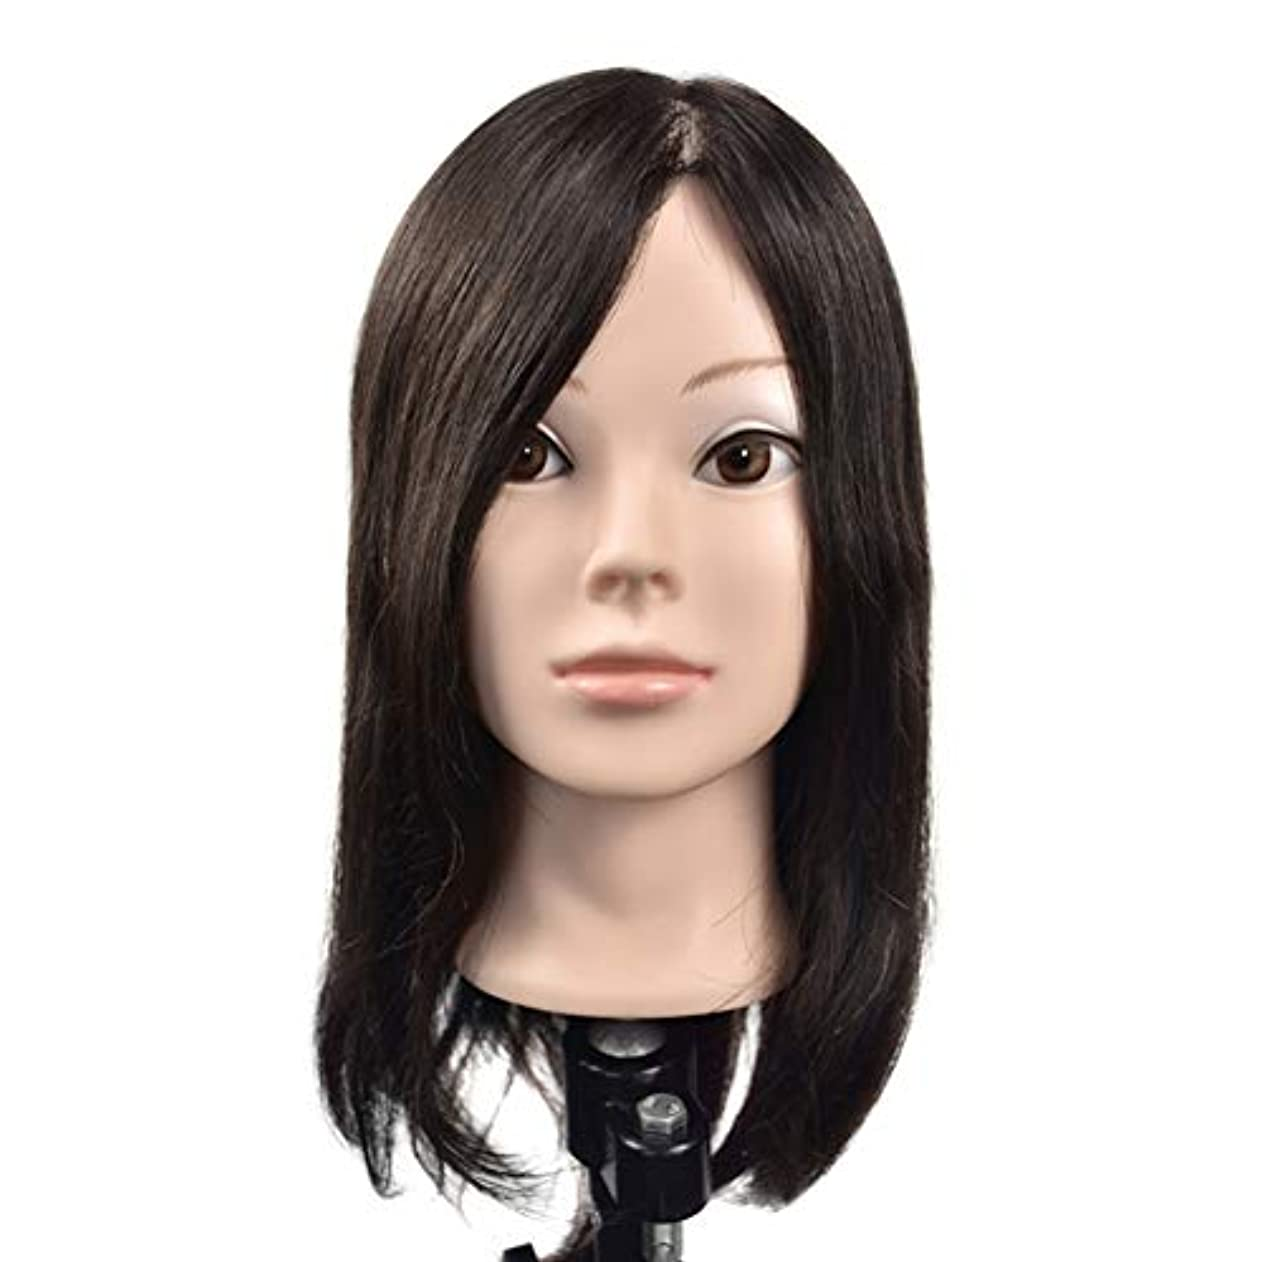 経由で稚魚劇的リアルヘアースタイリングモデルヘッド女性モデル頭ティーチングヘッド理髪店編組髪染め学習ダミーヘッド